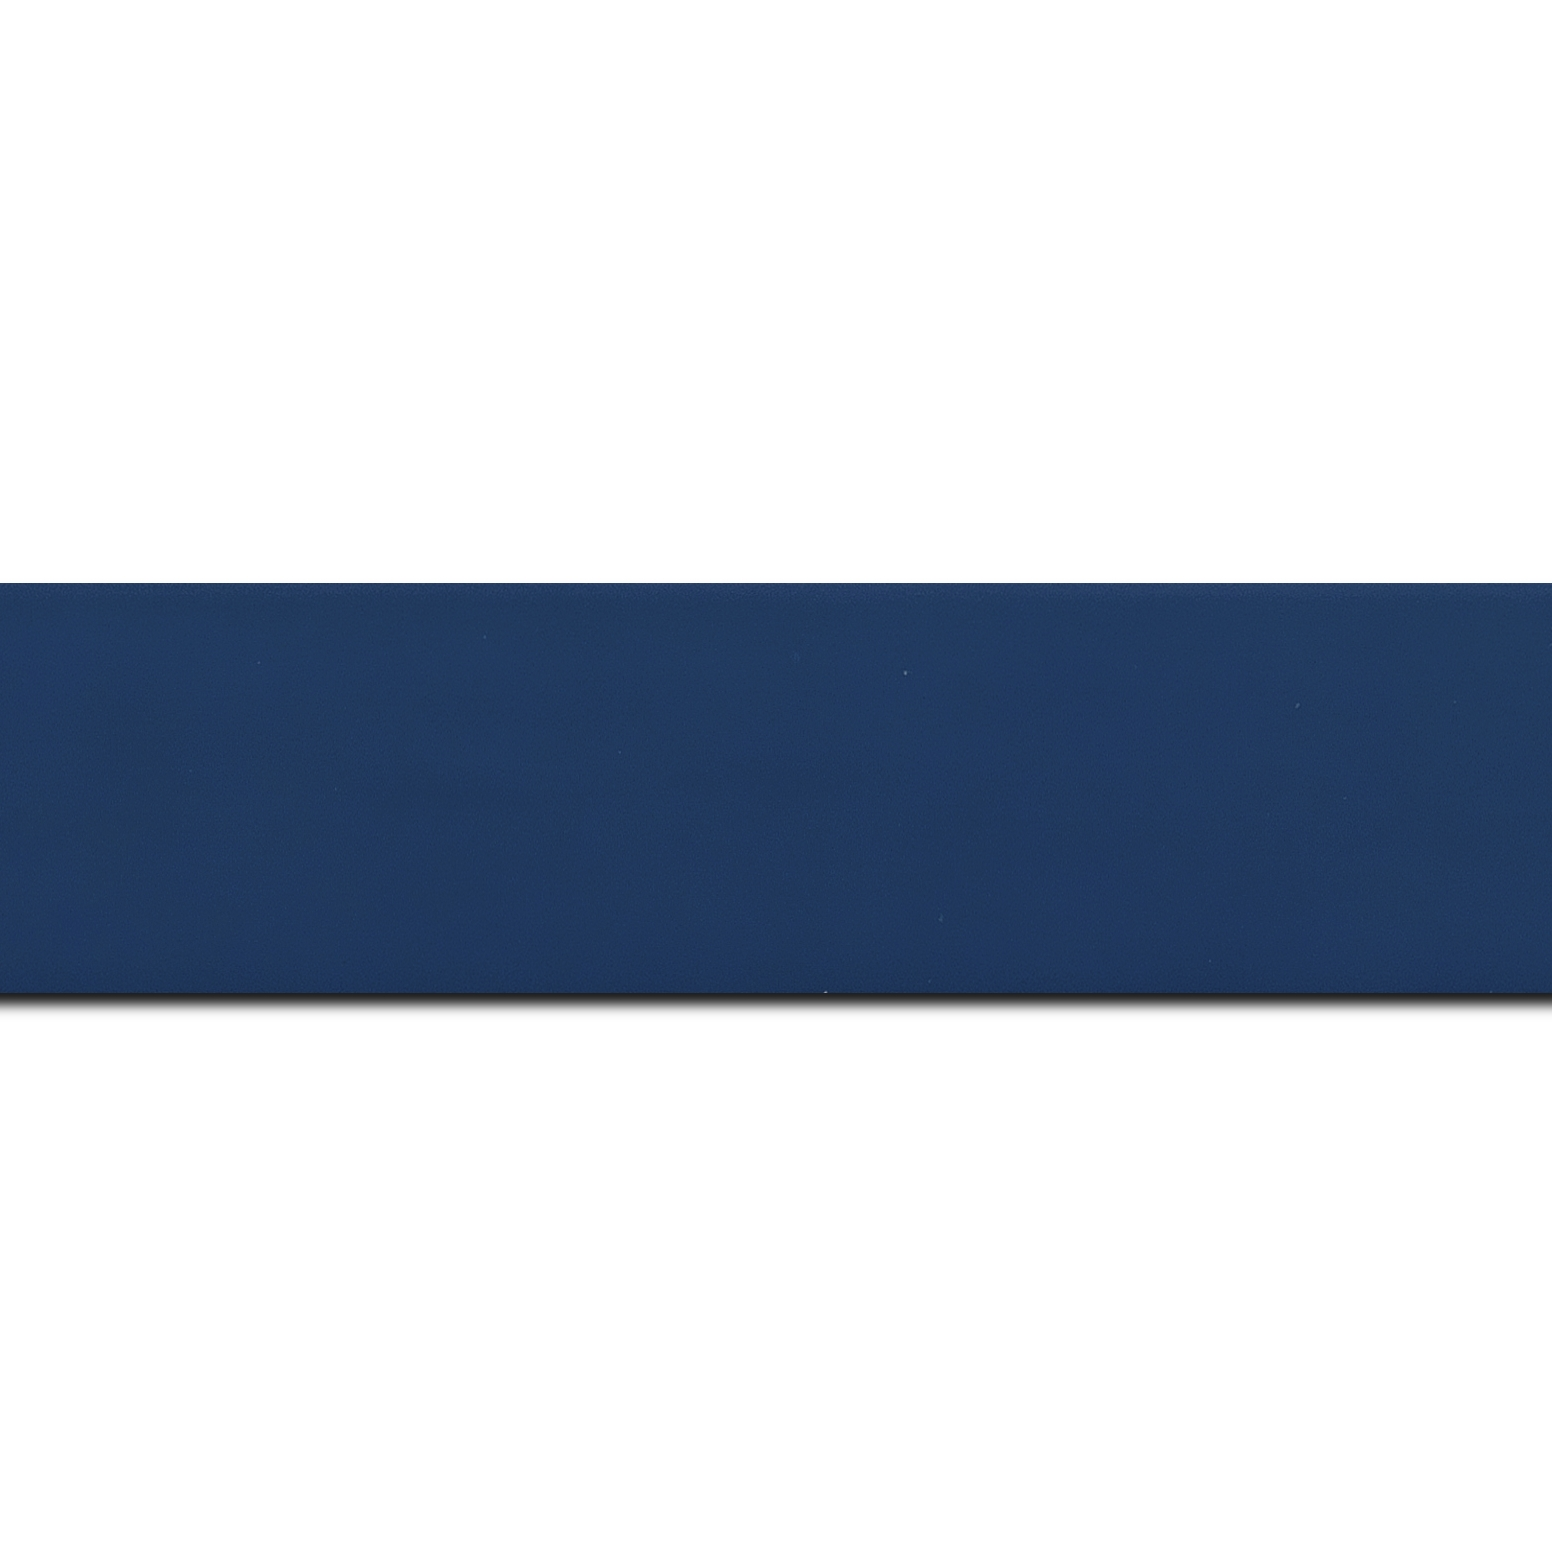 Pack par 12m, bois profil plat largeur 3.9cm couleur bleu grec mat (longueur baguette pouvant varier entre 2.40m et 3m selon arrivage des bois)